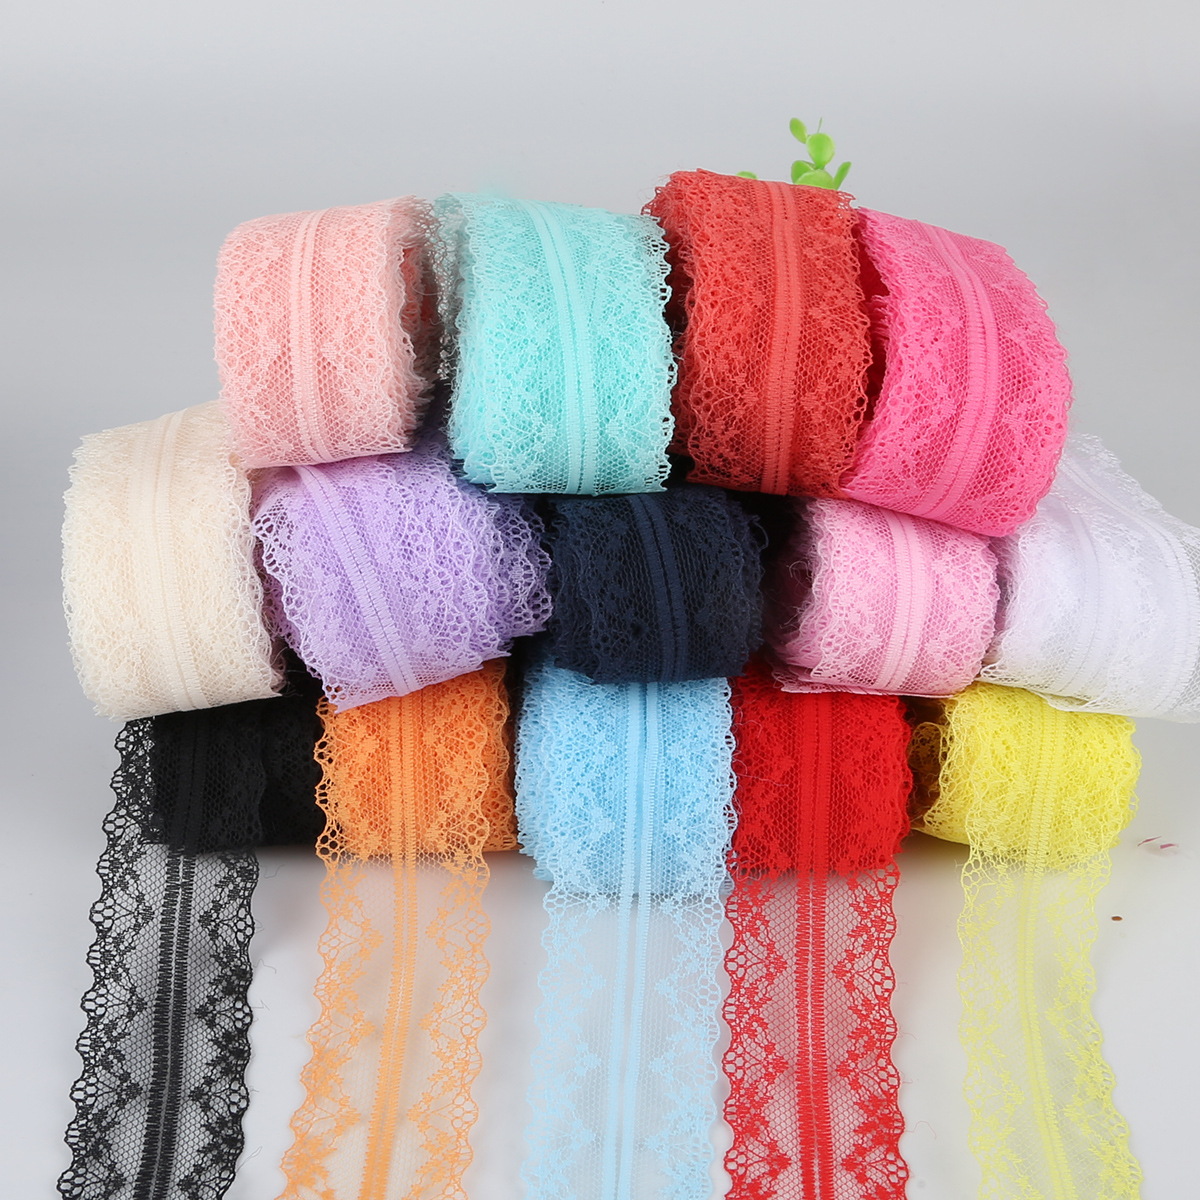 10 ярдов/рулон белая кружевная ткань тонкая лента для украшения упаковочный материал каркаса 4 см DIY Одежда с вышивкой одежда аксессуары